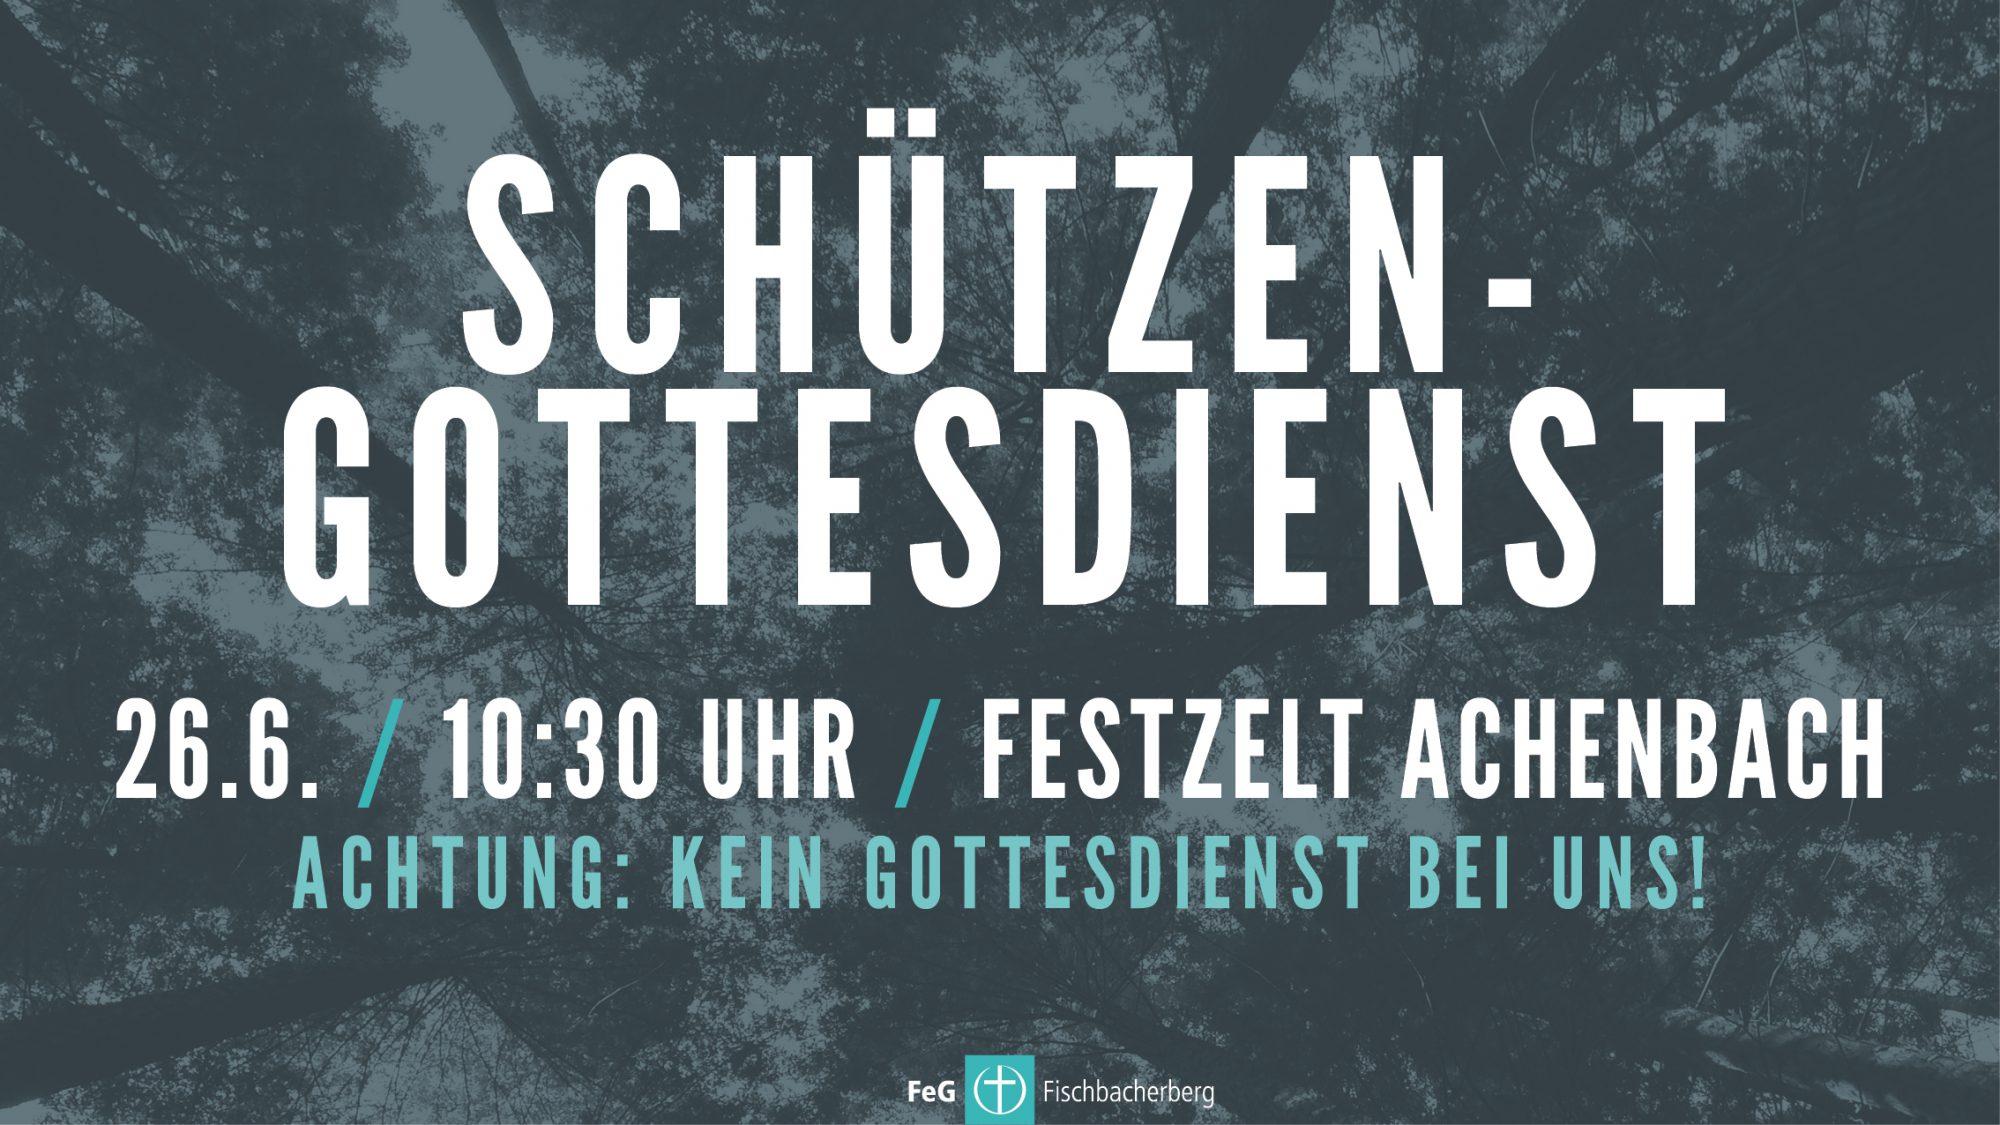 26. Juni: Schützengottesdienst im Festzelt Achenbach